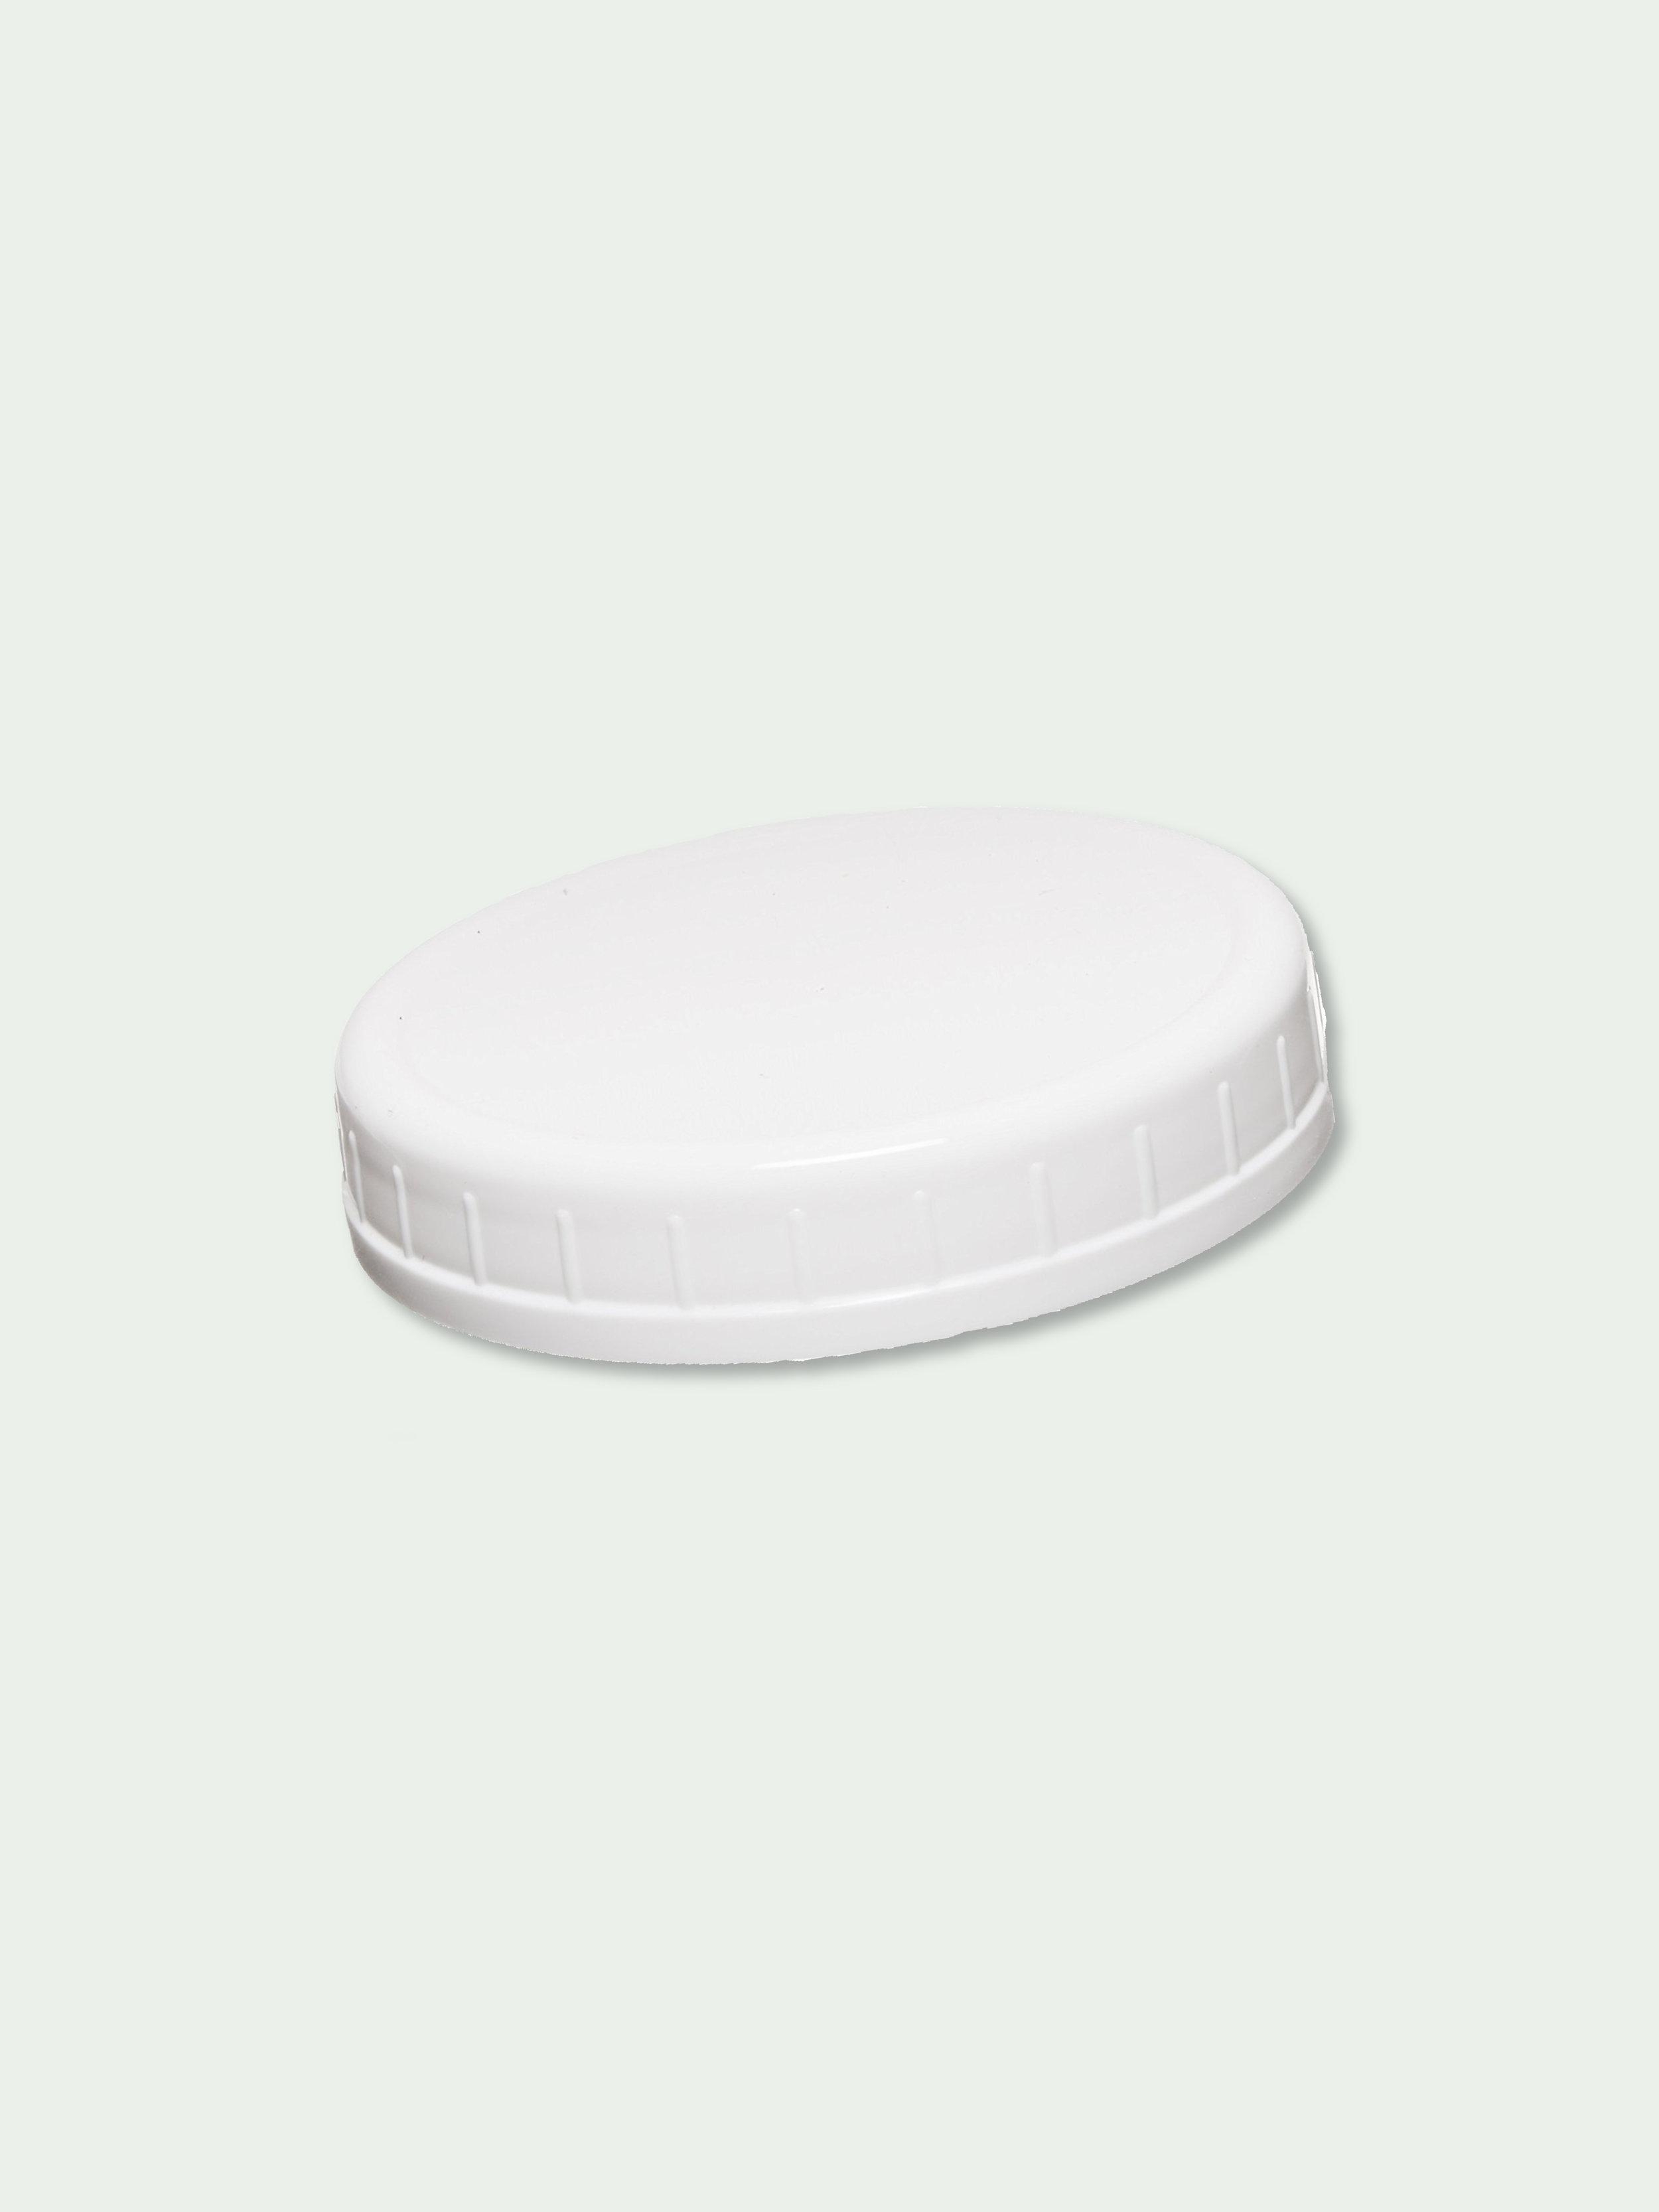 Mason Jar Storage Caps